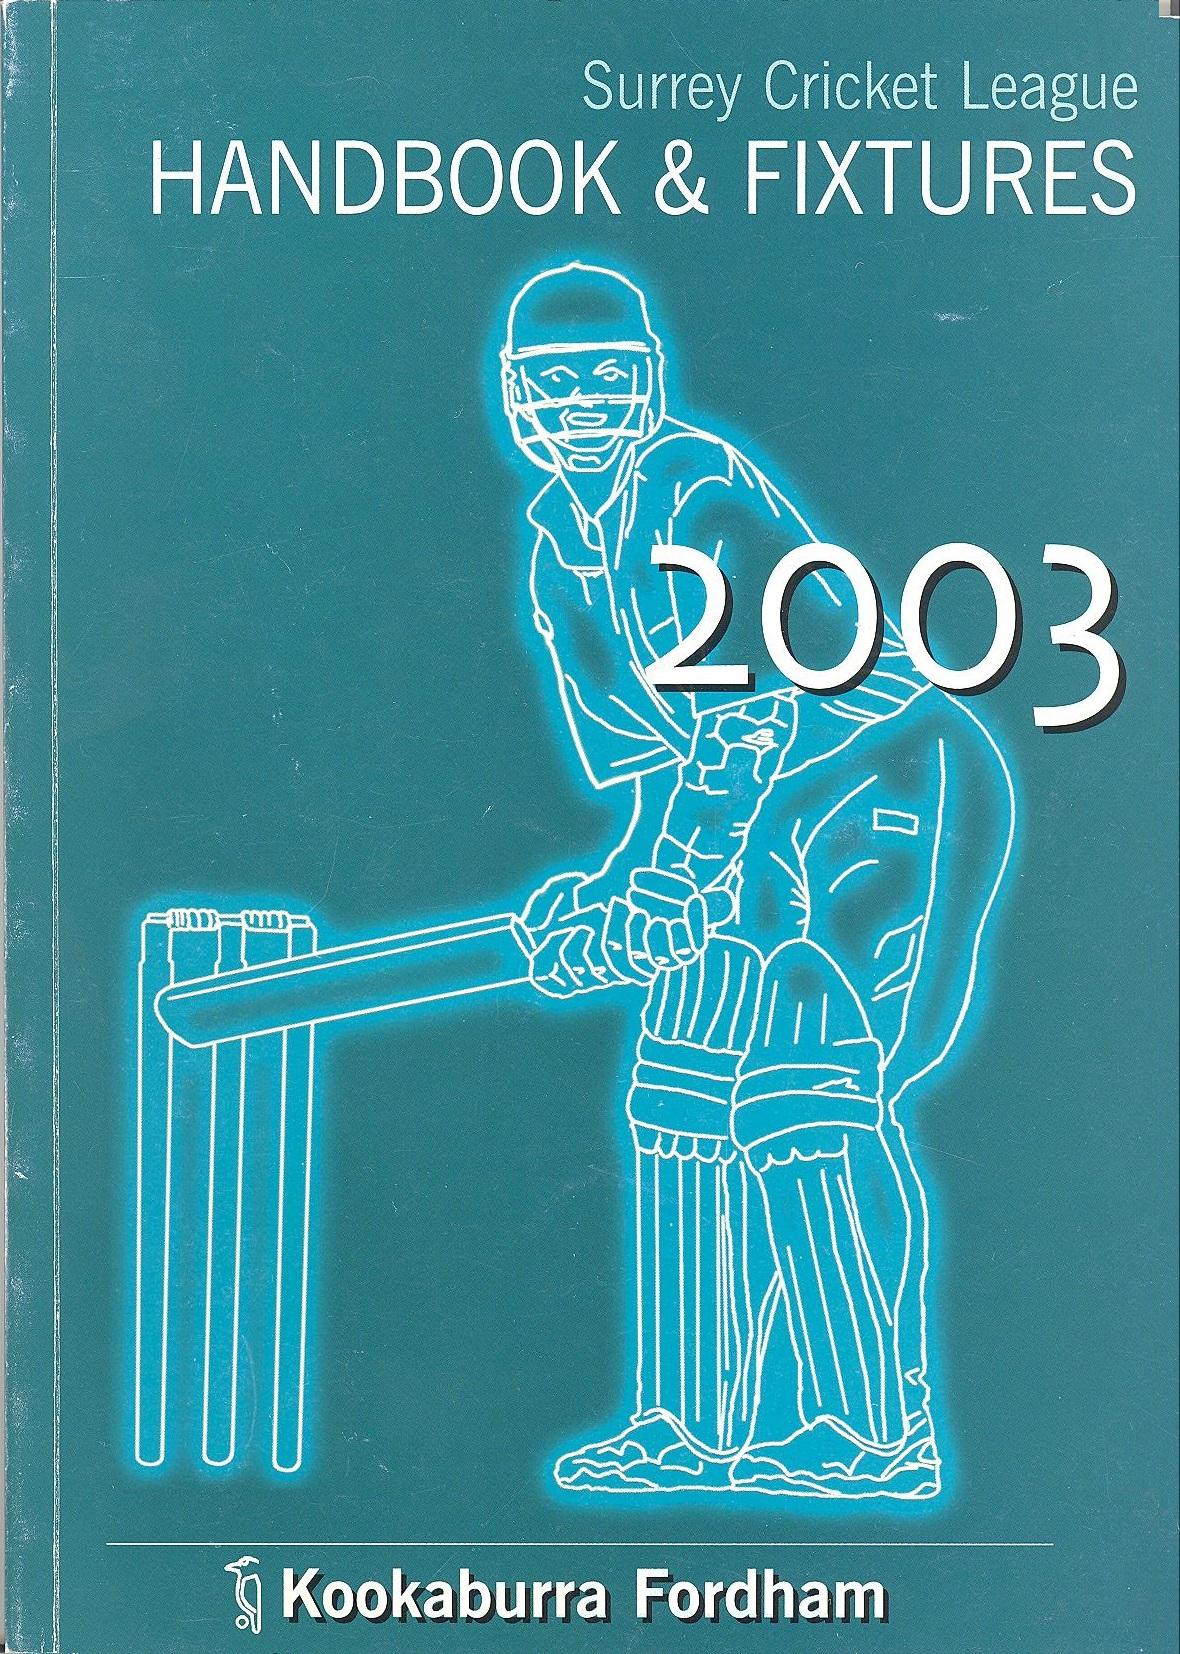 Kookaburra2003 Cover.jpg